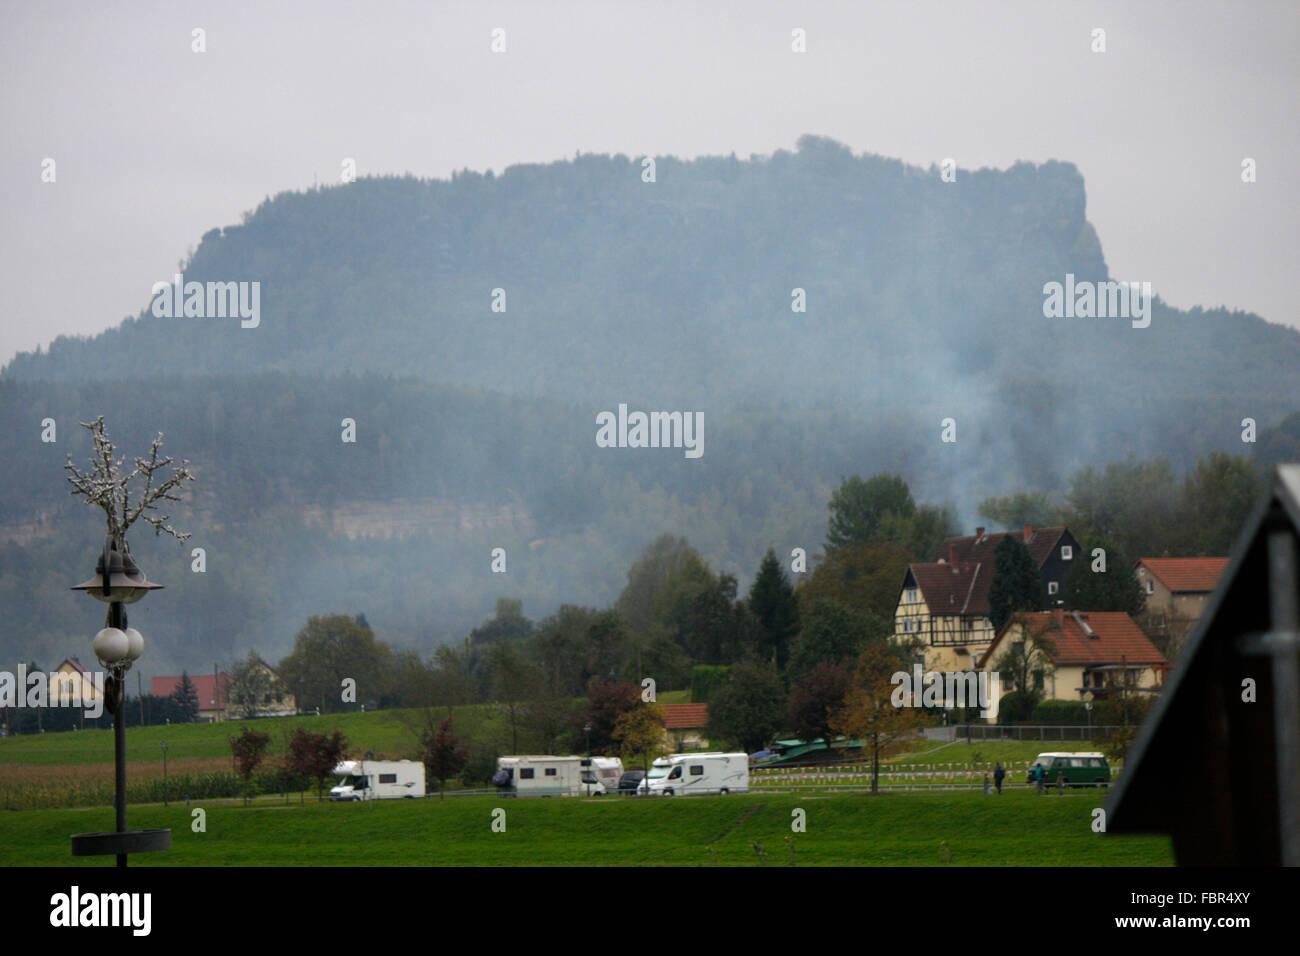 Lilienstein - Saechsische Schweiz. - Stock Image